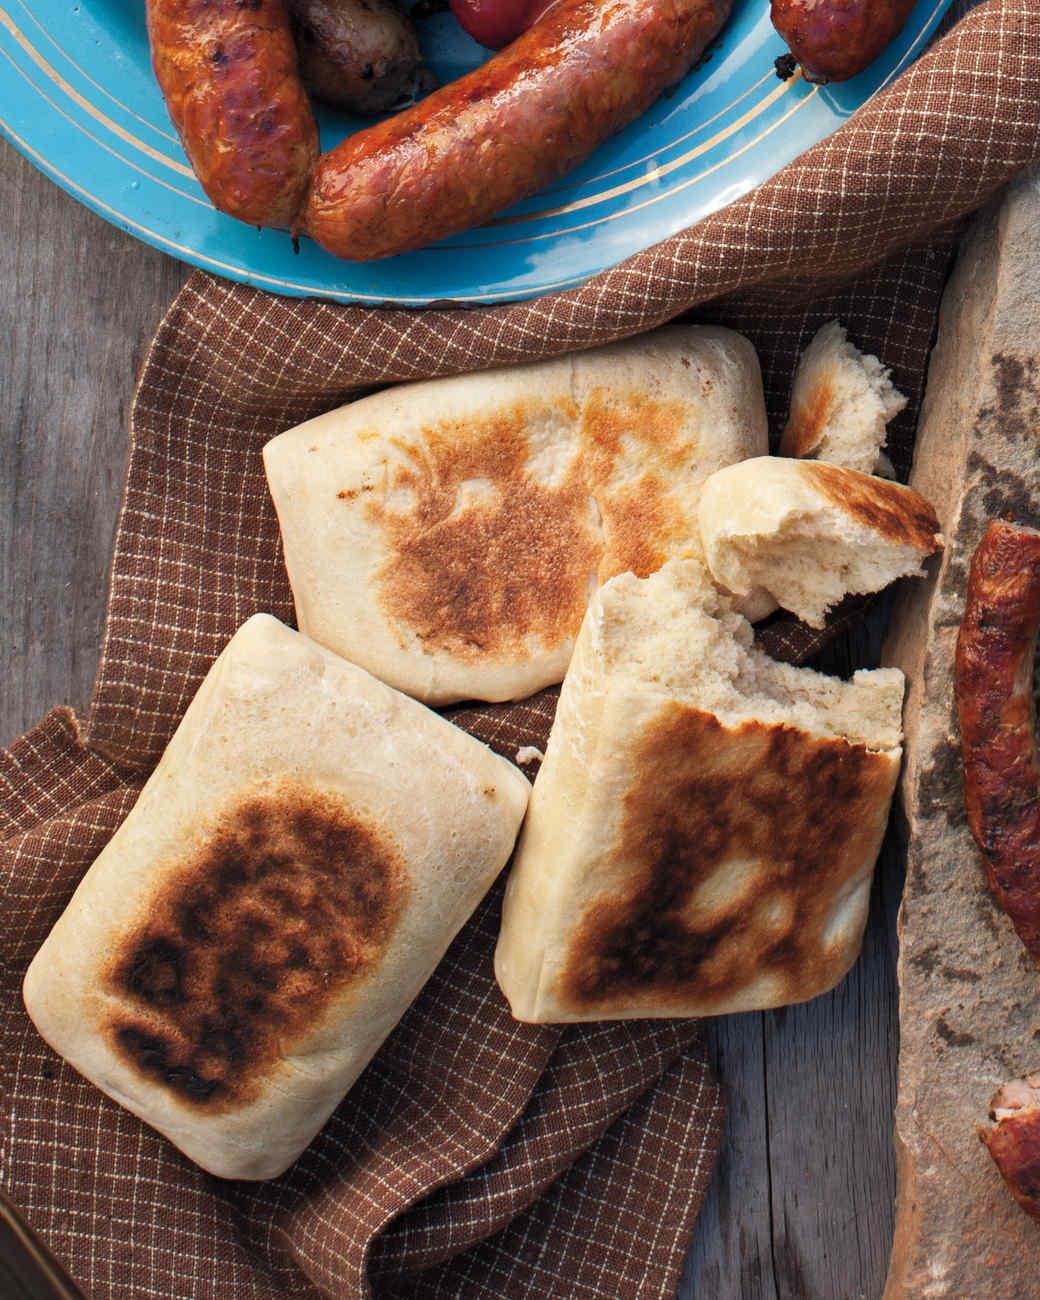 Skillet Breads